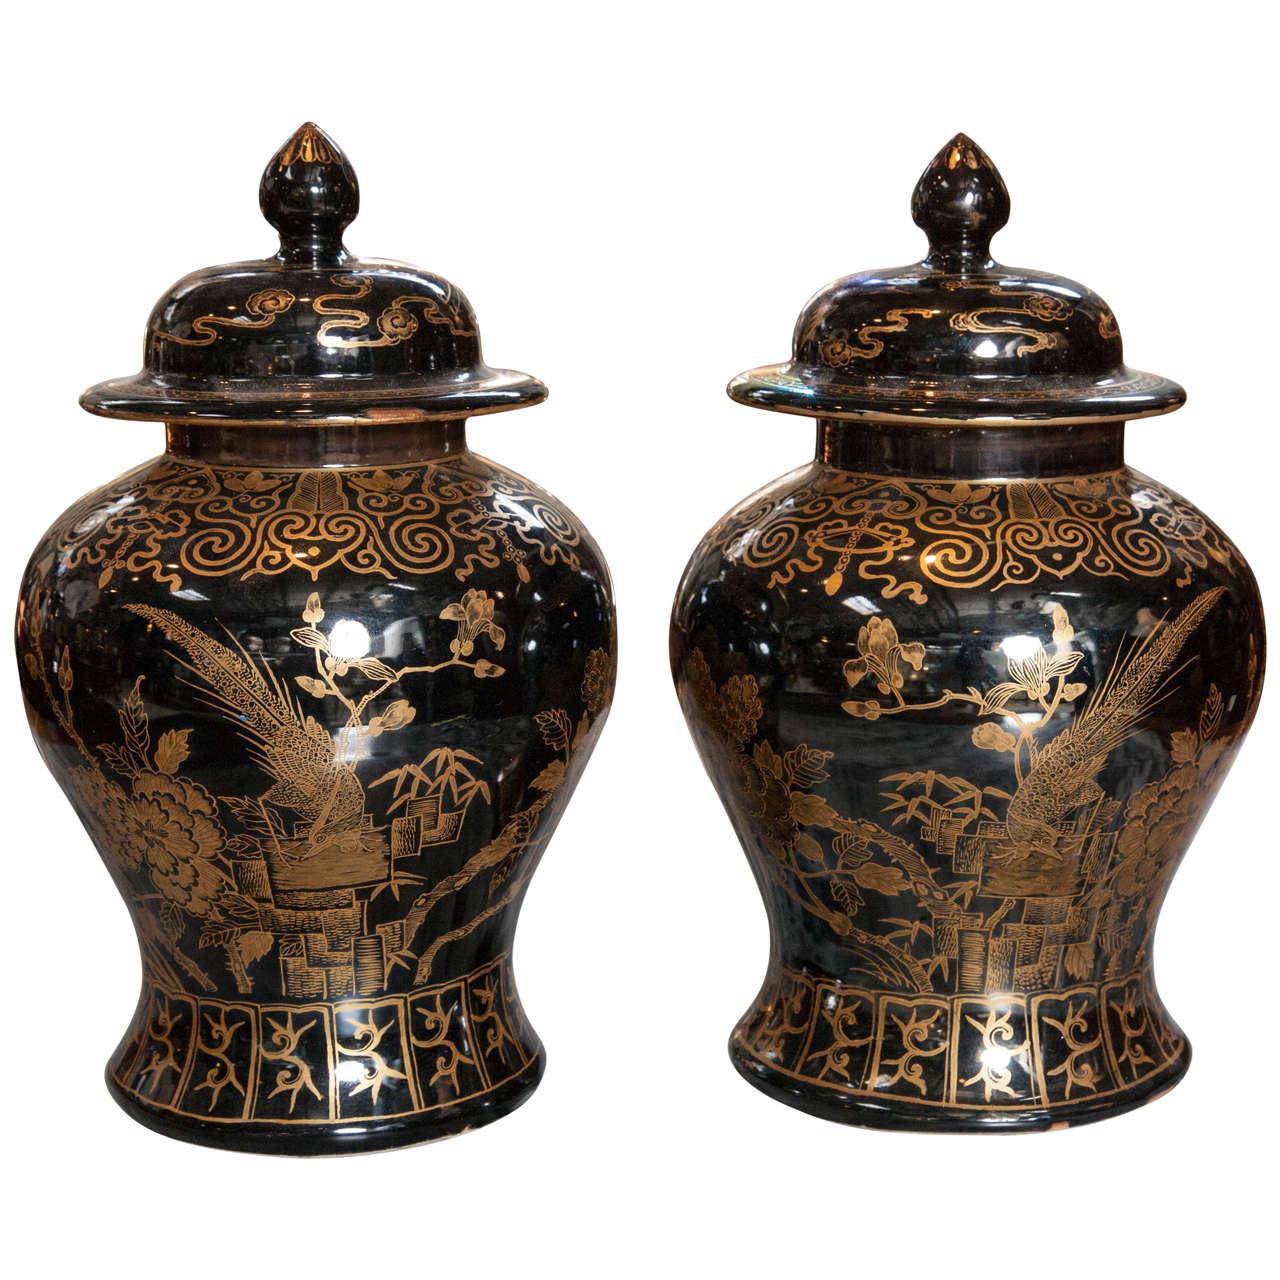 chinese mirror black ginger jars for sale at 1stdibs. Black Bedroom Furniture Sets. Home Design Ideas